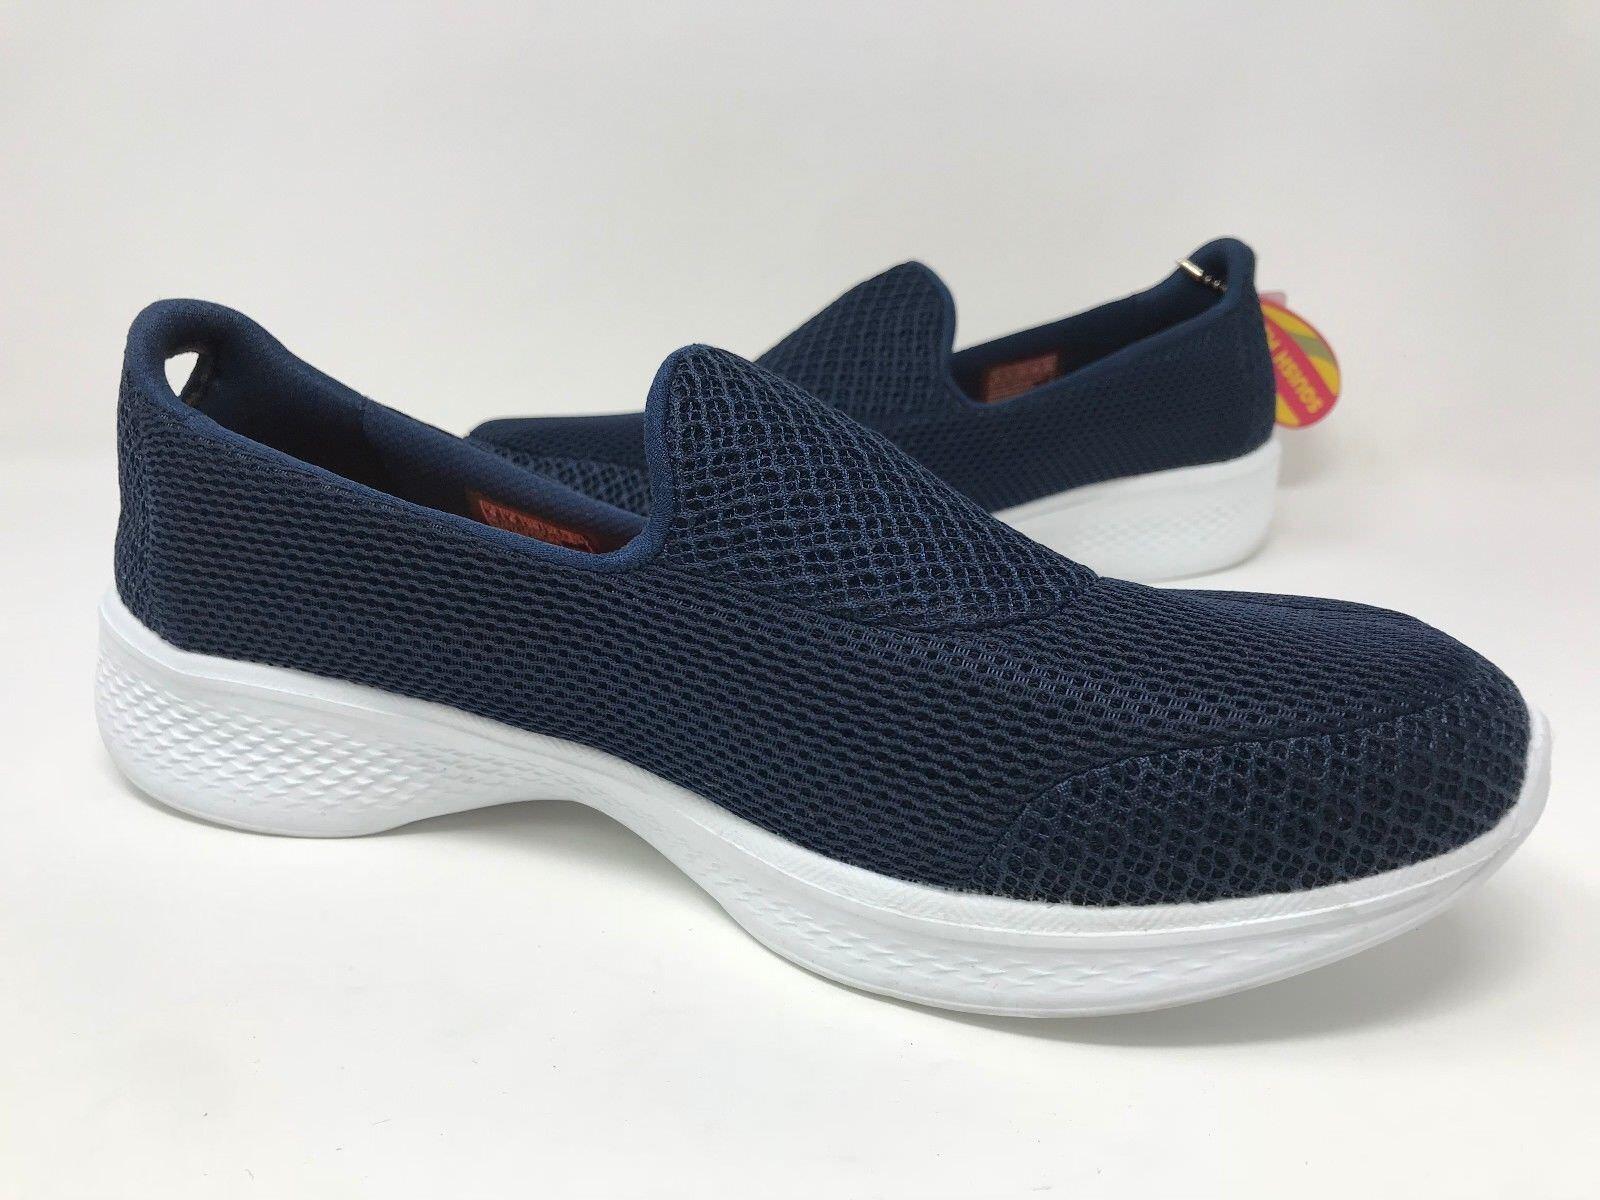 New women's Skechers GoWalk 4 Propel 14170 NVW shoes ,navy, size 10